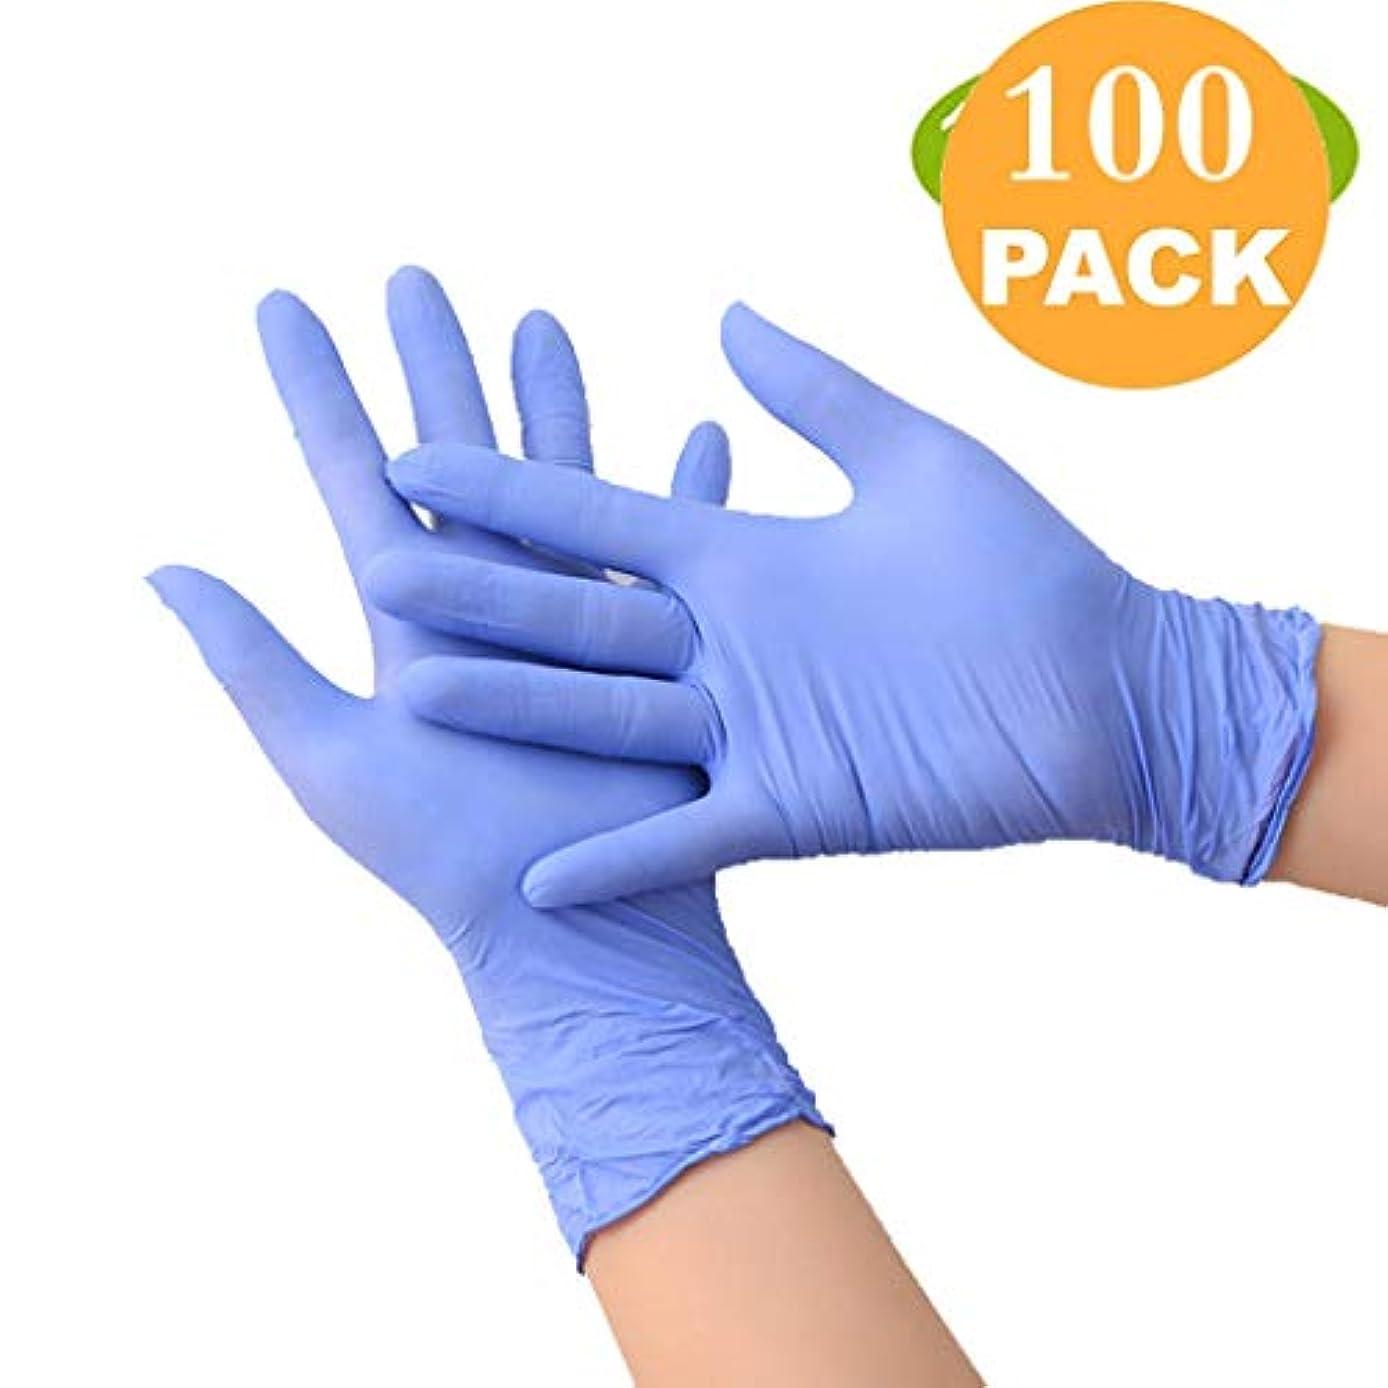 ご覧くださいスラックエチケットニトリル使い捨てパウダーフリー耐酸クリーン美容ネイルサロン油と酸耐性-100パーボックス (Color : Blue, Size : S)